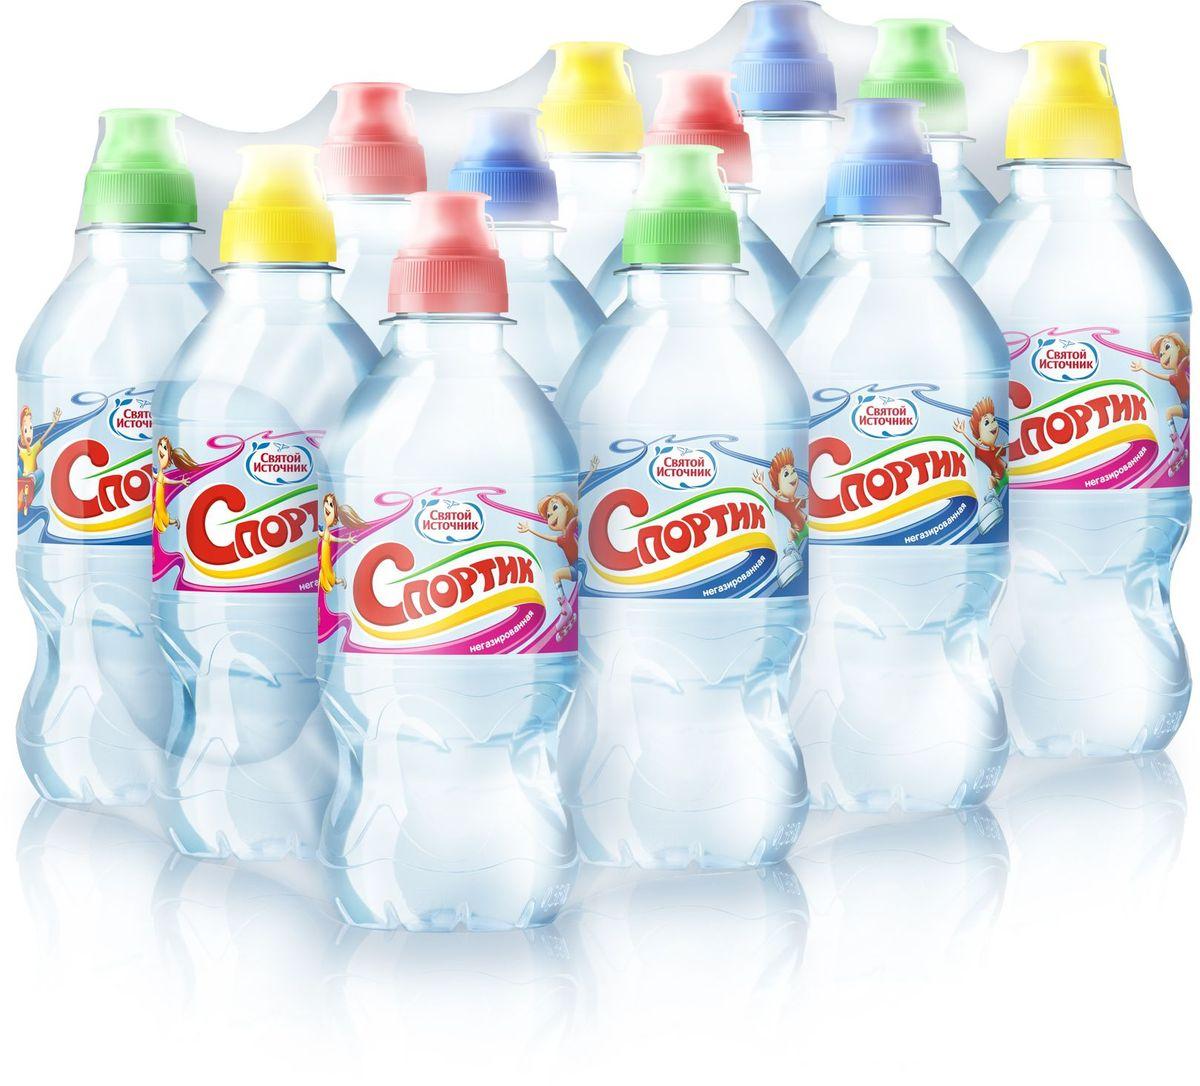 Святой Источник вода Спортик природная питьевая негазированная, 12 штук по 0,33 л